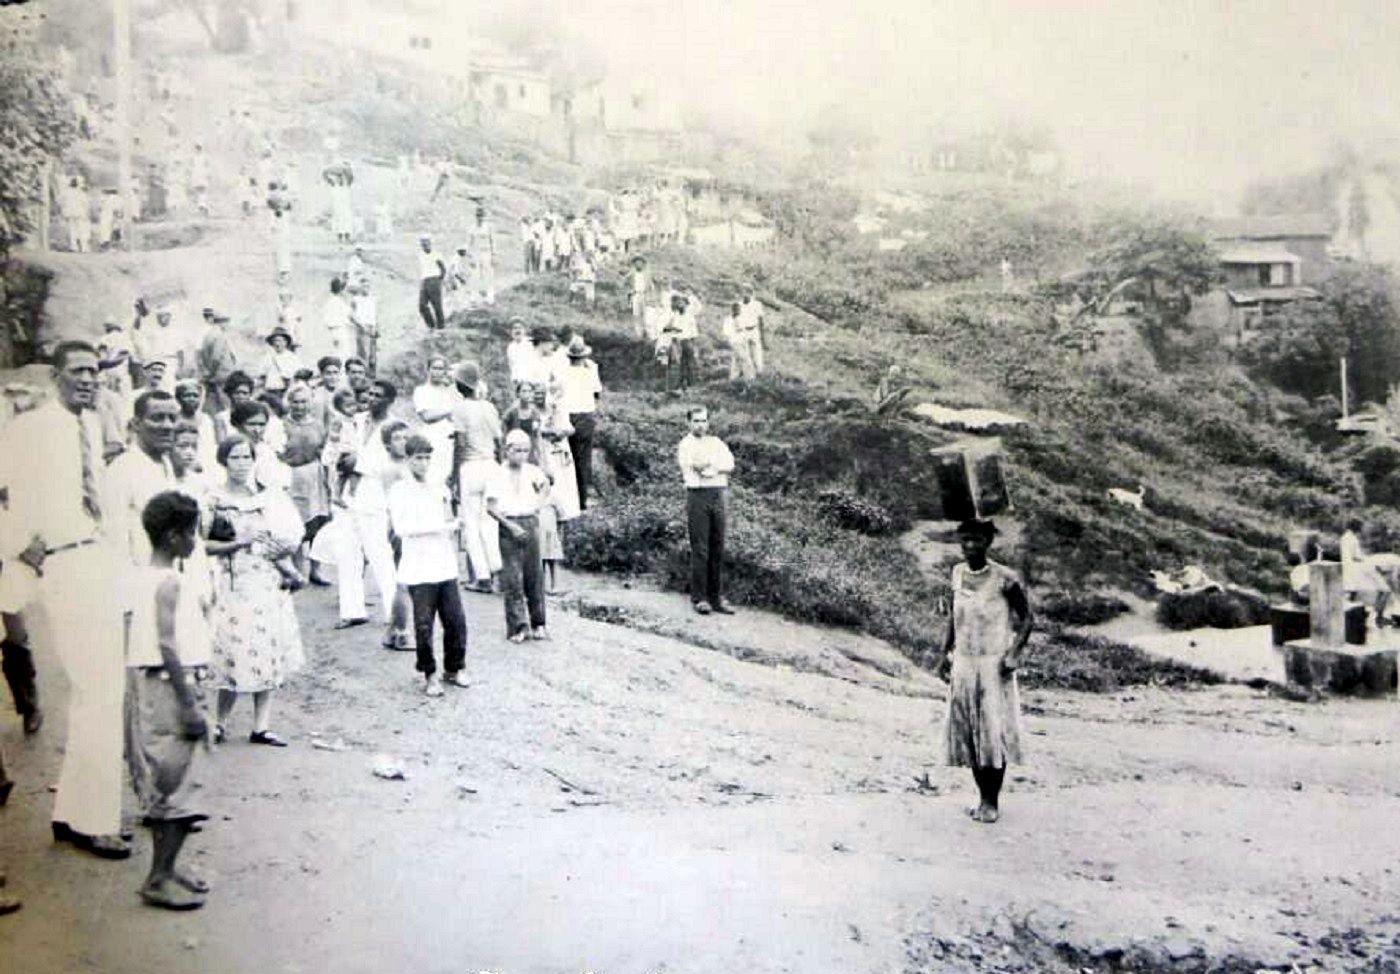 Morro de São Carlos e os moradores na década de 30.  https://www.facebook.com/Guarantiga?fref=ts